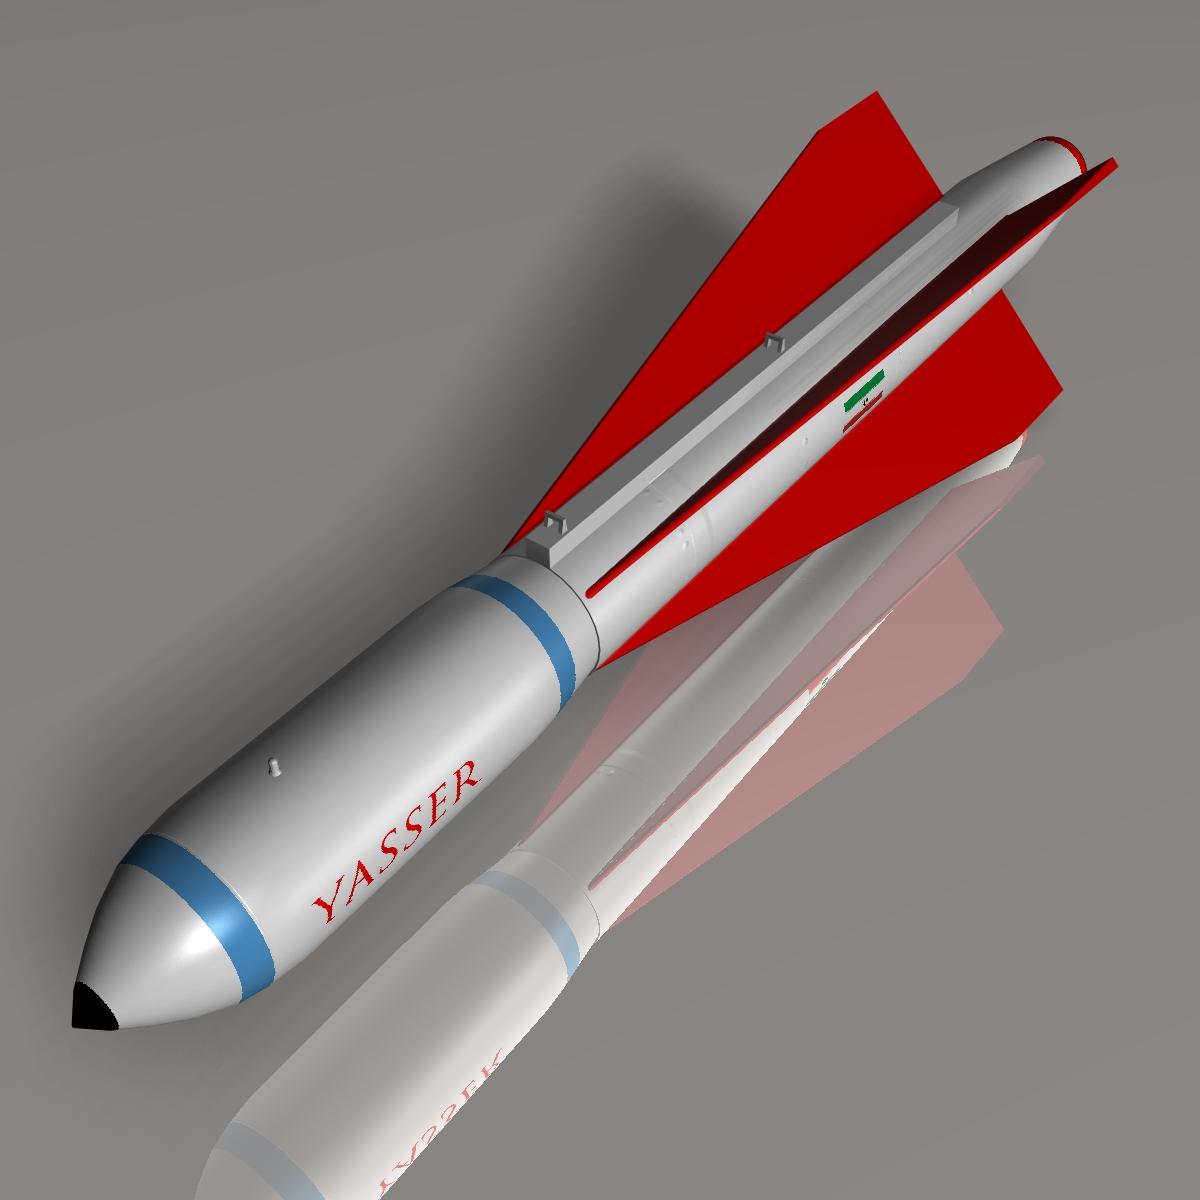 iranian yasser asm missile 3d model 3ds dxf cob x obj 150567